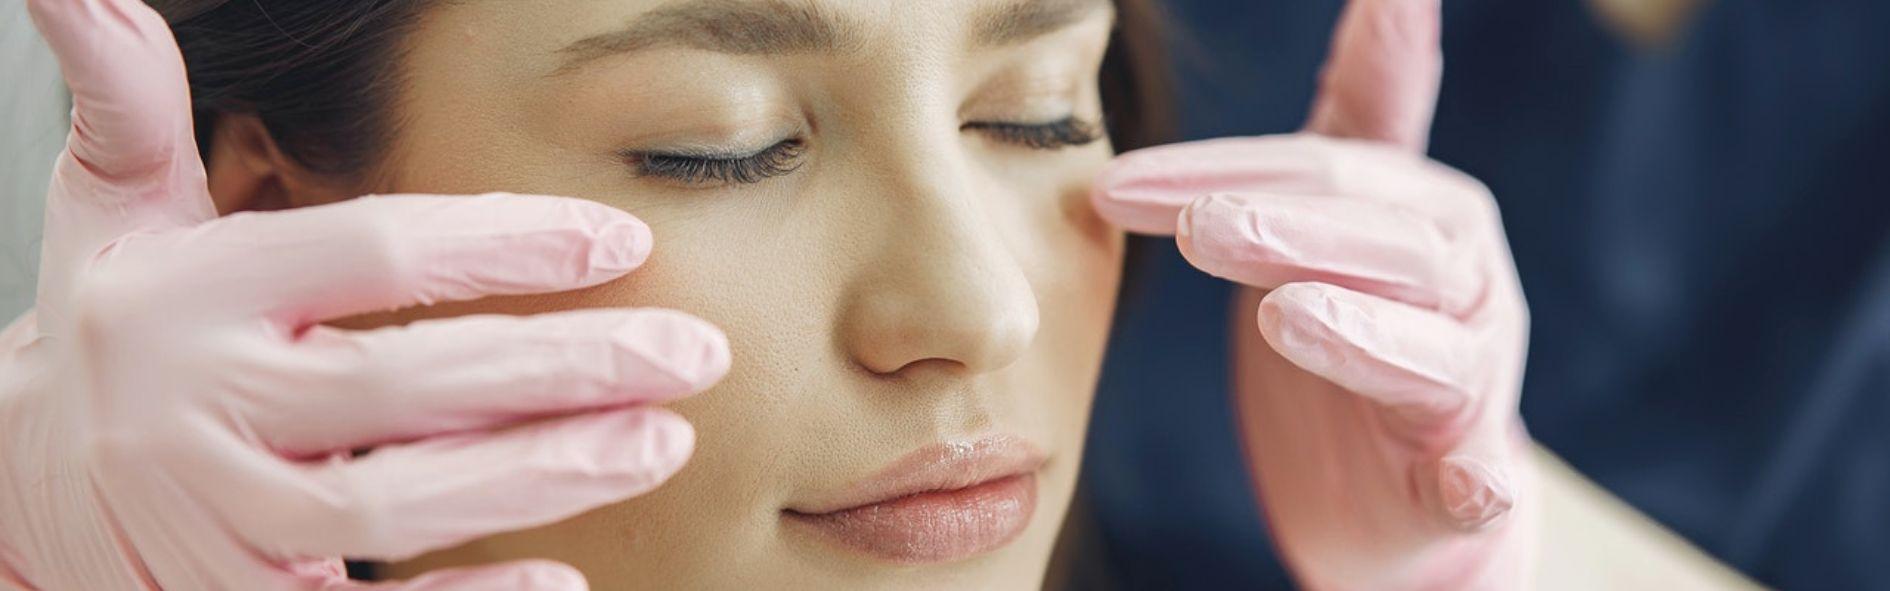 Descubre la bioplastia y su efecto rejuvenecedor facial y corporal